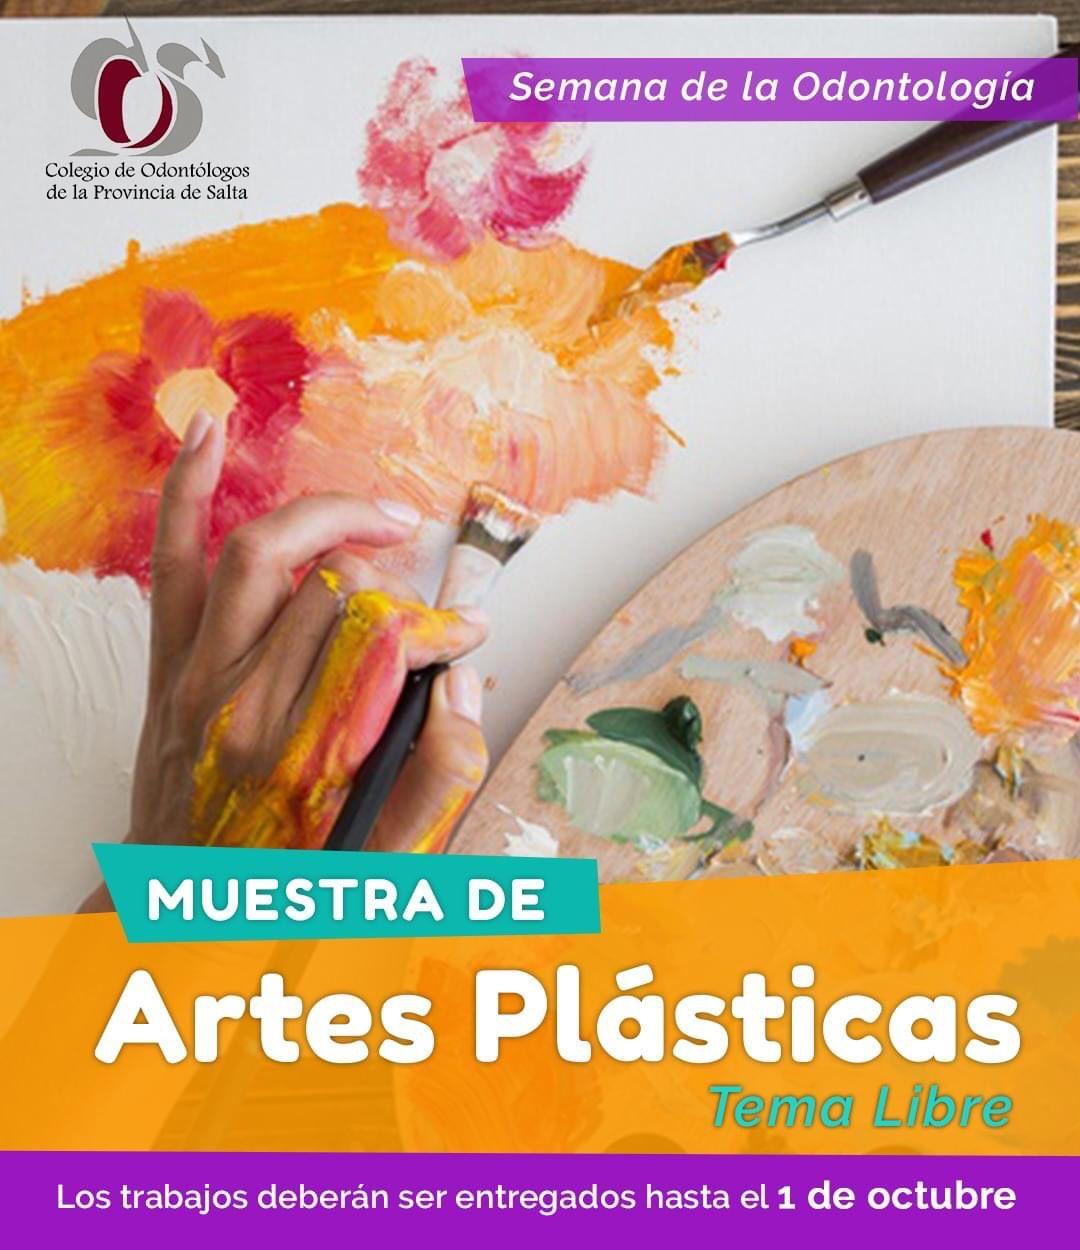 Artes Plásticas 2021